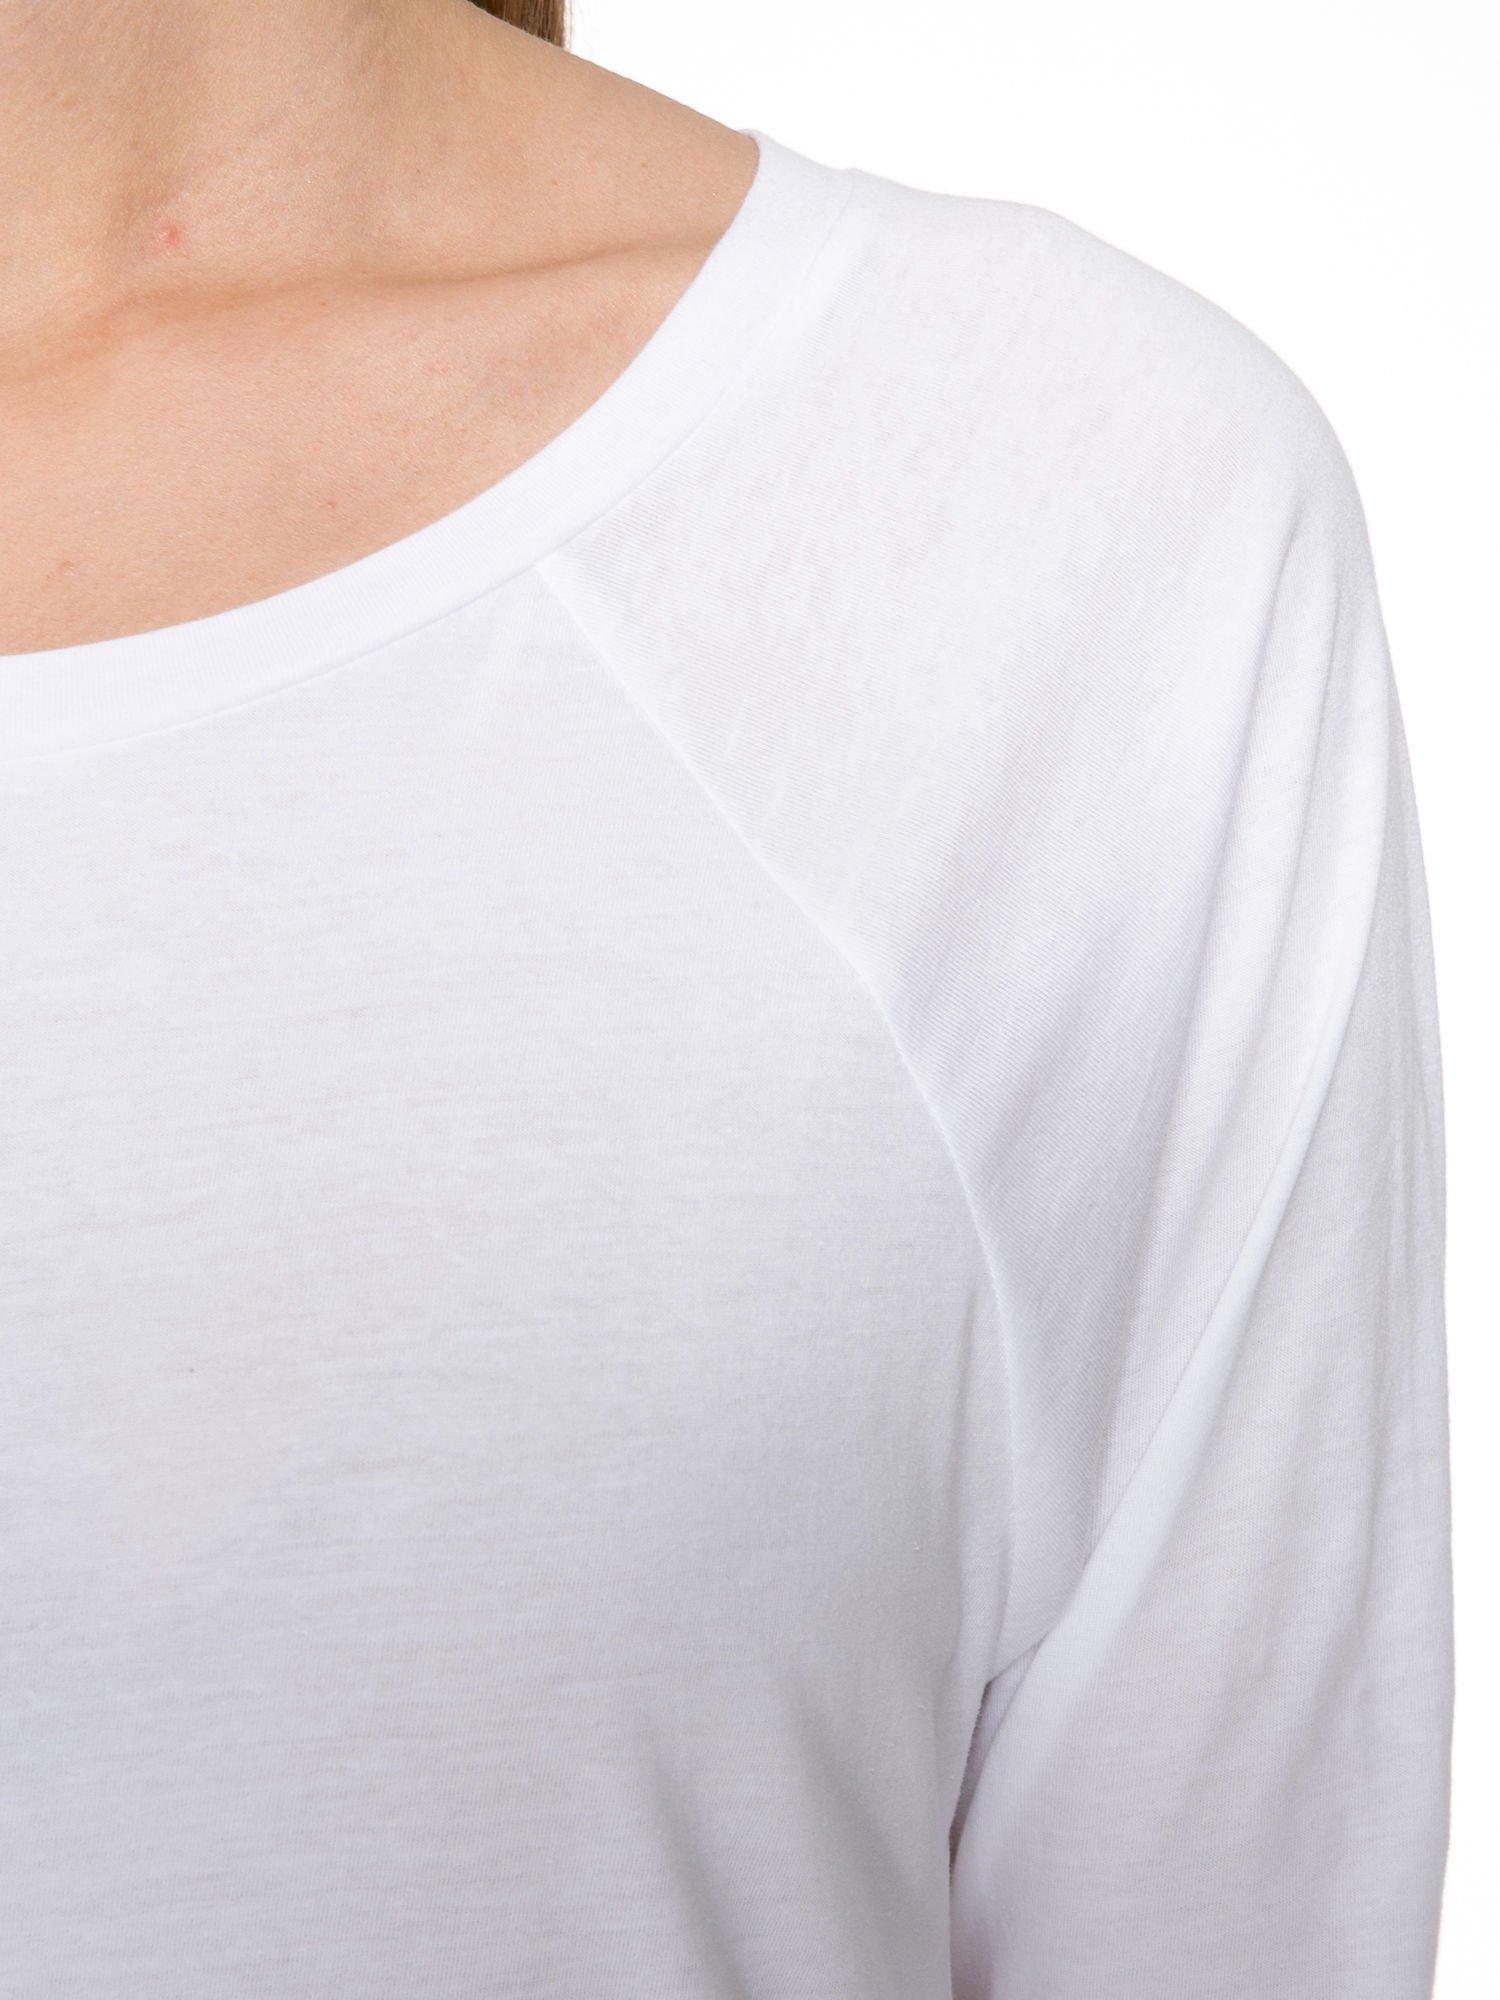 Biała bawełniana bluzka z rękawami typu reglan                                  zdj.                                  5